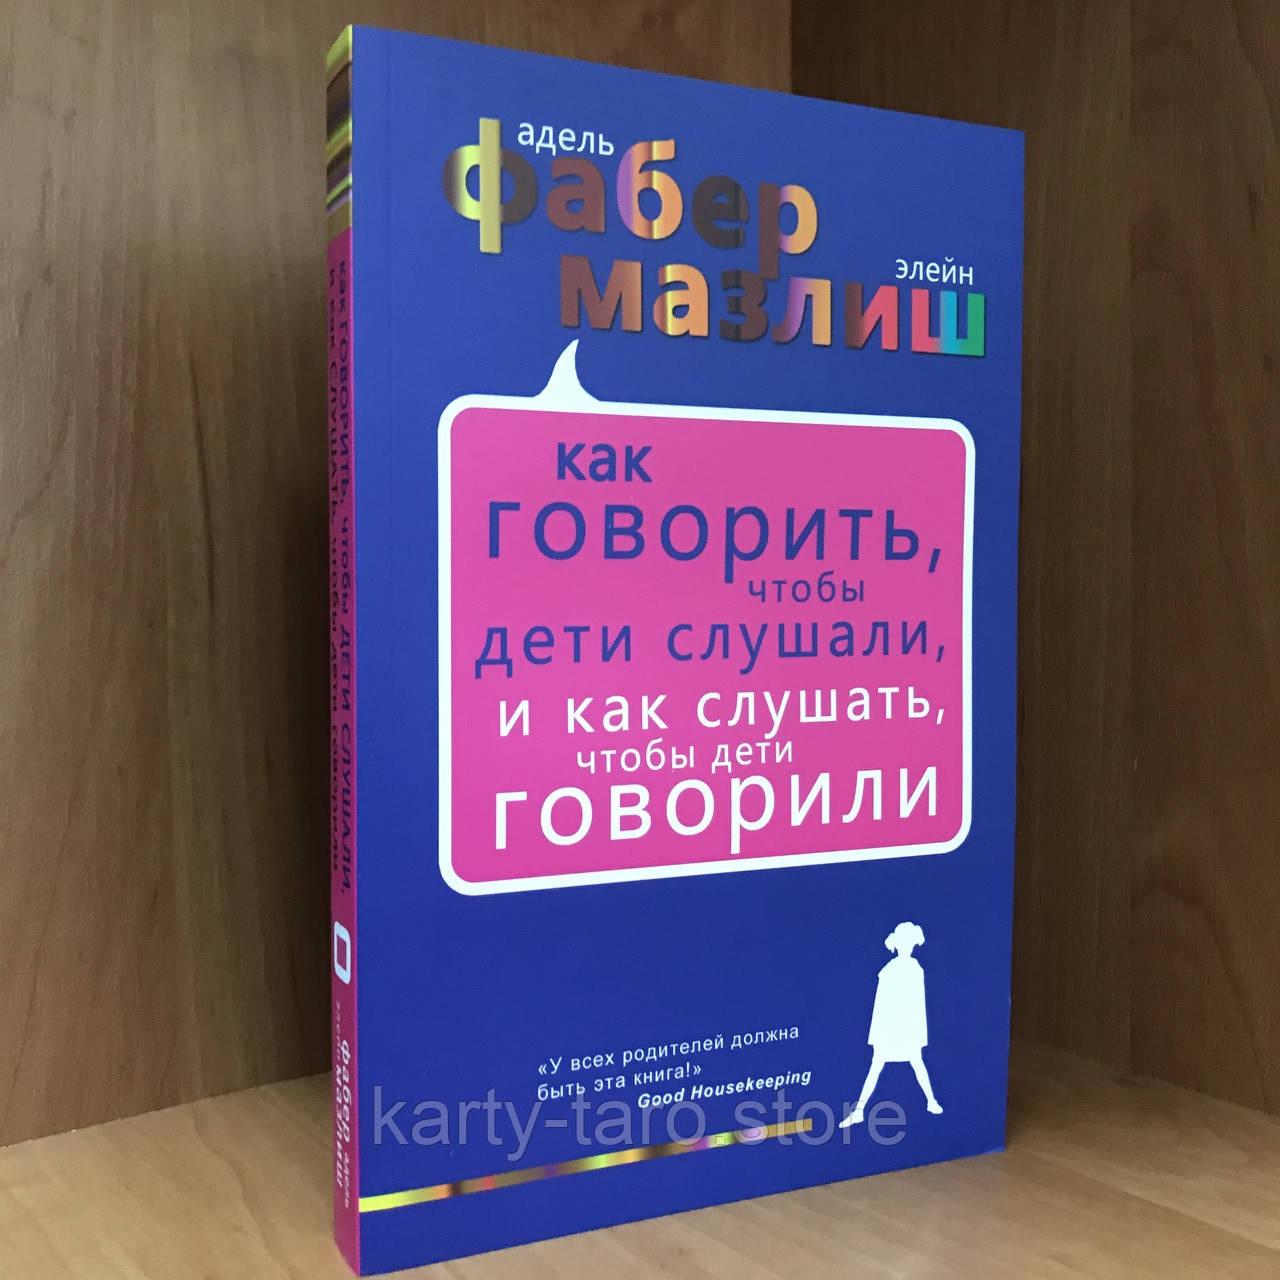 Книга Як говорити, щоб діти слухали, і як слухати, щоб діти говорили - Адель Фабер, Елейн Мазлиш